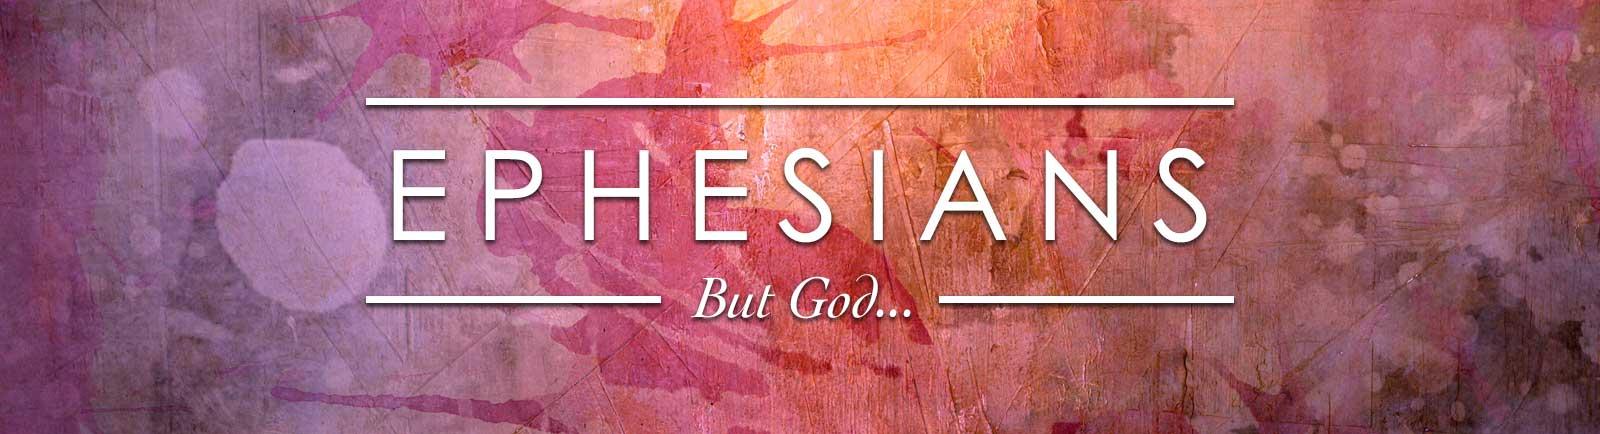 Ephesians: But God…